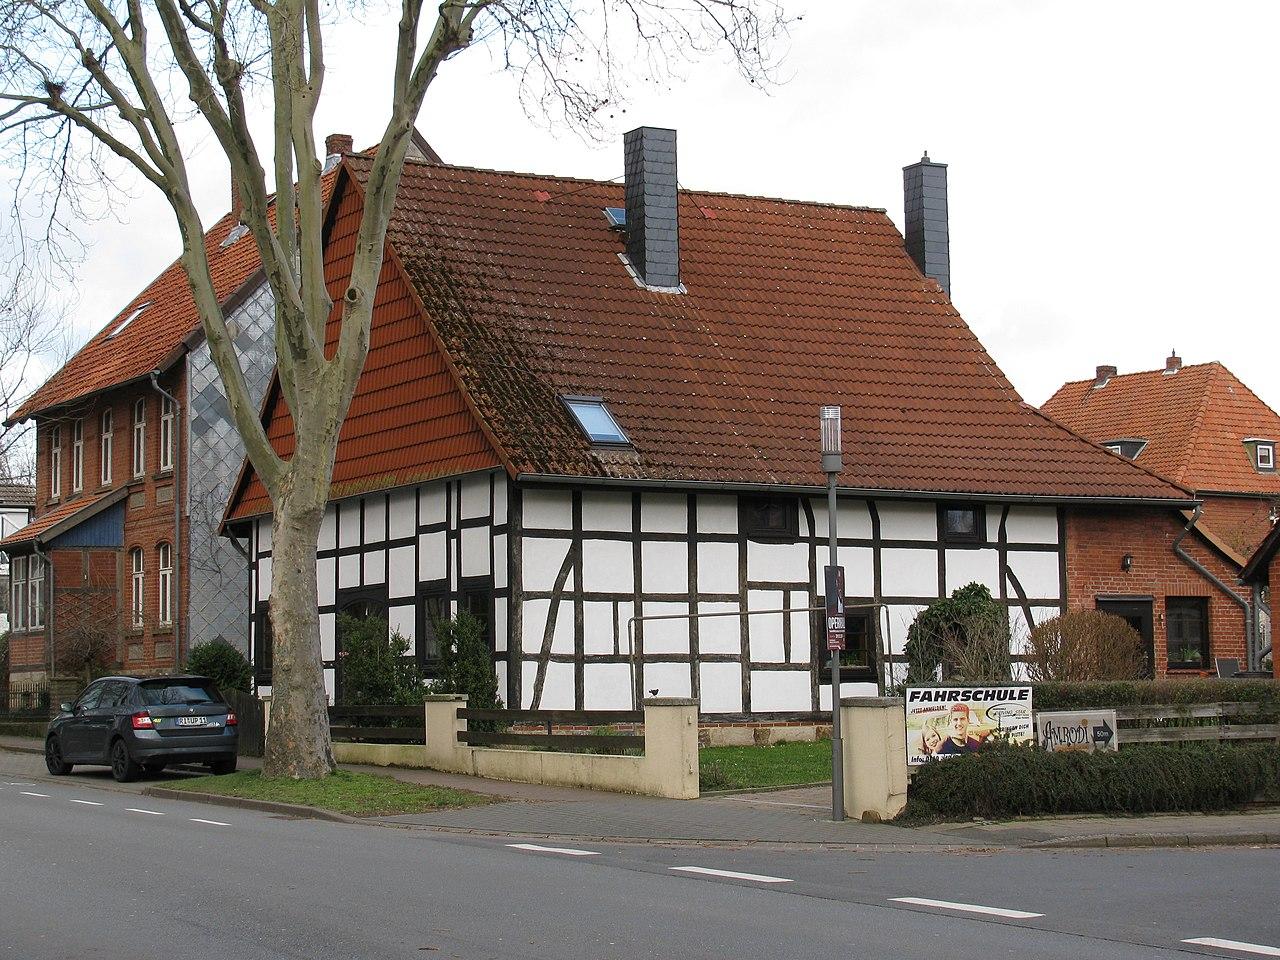 Rodenberger Allee 41, 1, Bad Nenndorf, Landkreis Schaumburg.jpg